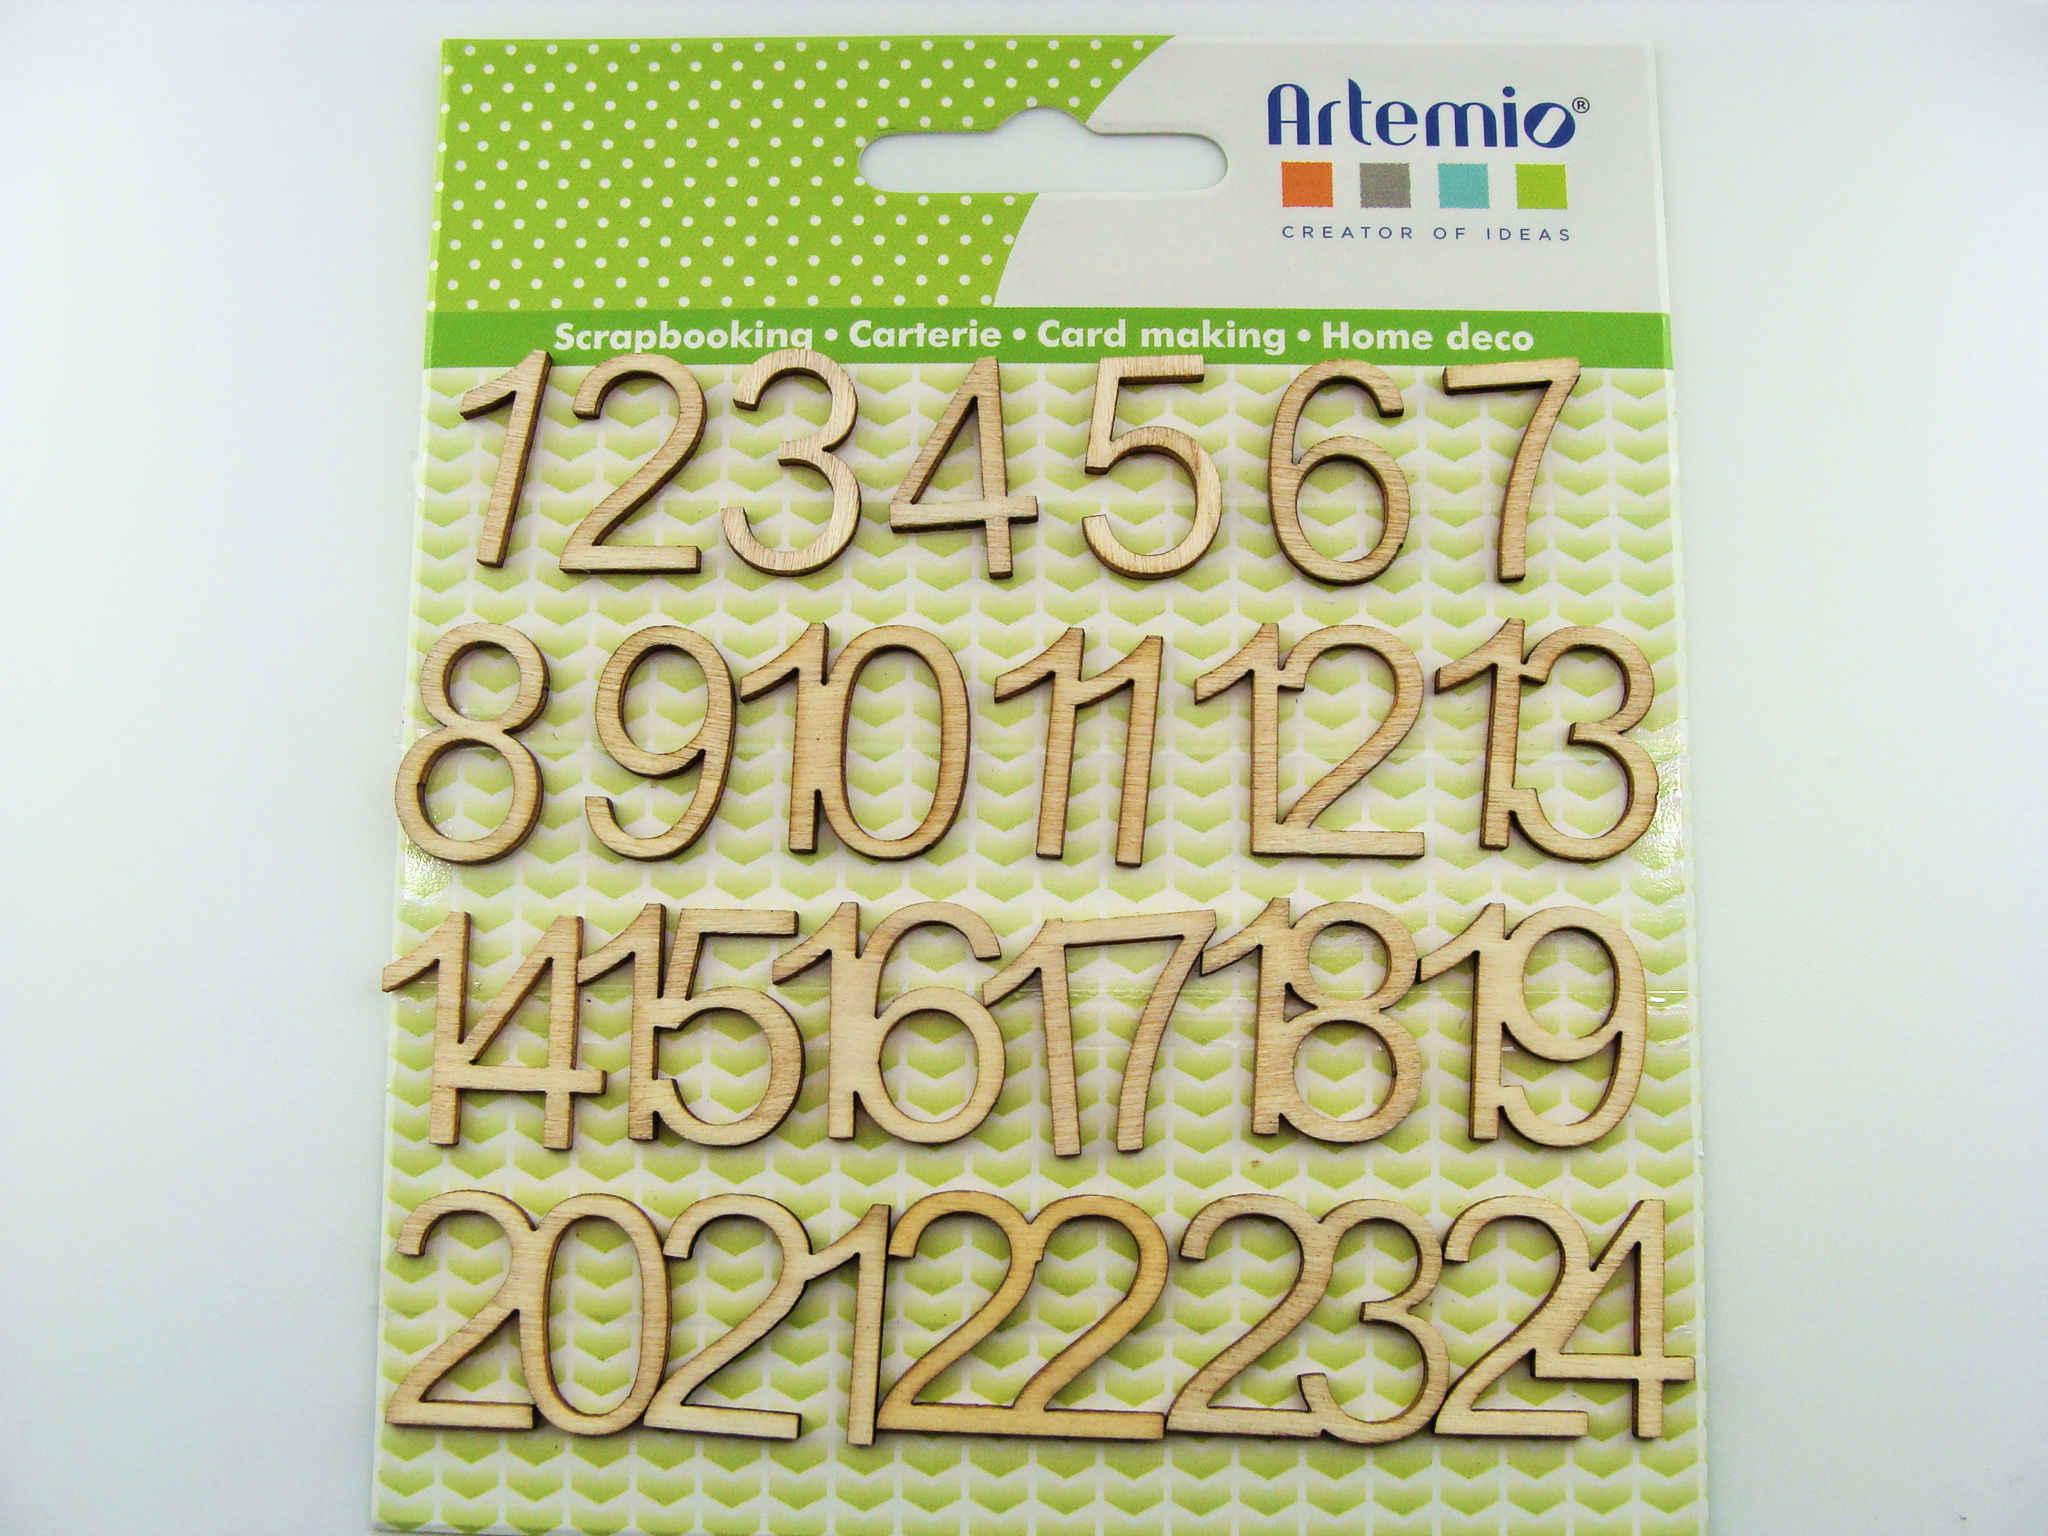 Chiffres Pour Calendrier De Lavent.Embellissement Scrapbooking Bois Chiffres 1 A 24 Nombres 19mm Calendrier Avent Noel Artemio Par 24 Pcs